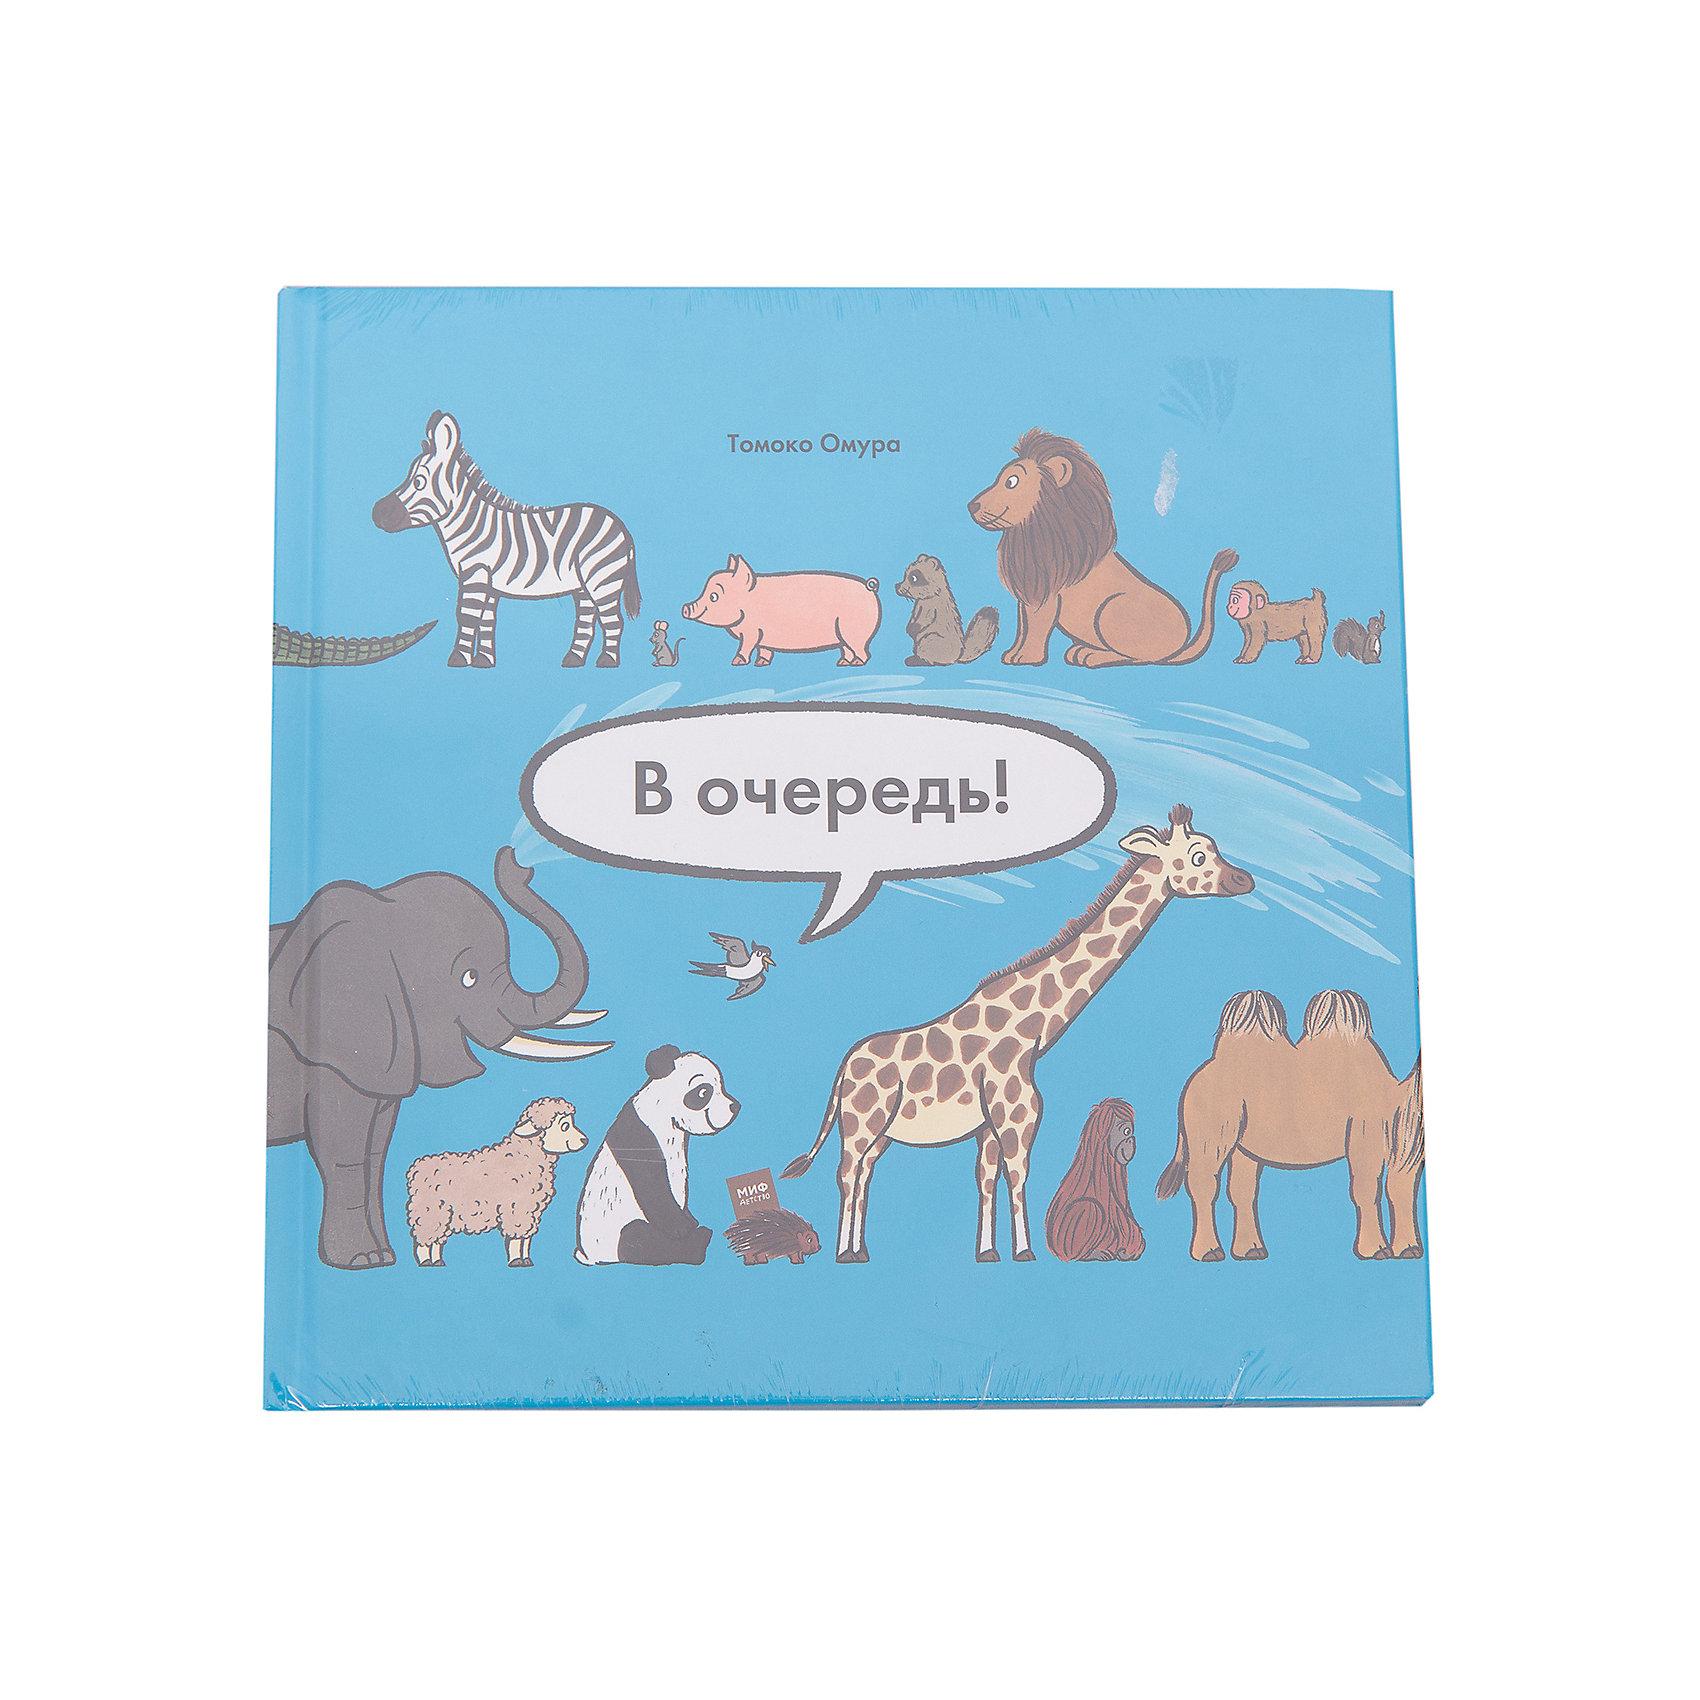 Книга В очередь! ЖивотныеСказки, рассказы, стихи<br>Эта смешная история, переведенная на 11 языков, учит считать,<br>сравнивать размеры, рассказывает о характерах и повадках<br>животных, дает повод обсудить правила поведения и главное -<br>хорошенько повеселиться! Подойдет детям до 5 лет.<br><br>Ширина мм: 230<br>Глубина мм: 260<br>Высота мм: 100<br>Вес г: 366<br>Возраст от месяцев: 36<br>Возраст до месяцев: 2147483647<br>Пол: Унисекс<br>Возраст: Детский<br>SKU: 5535416